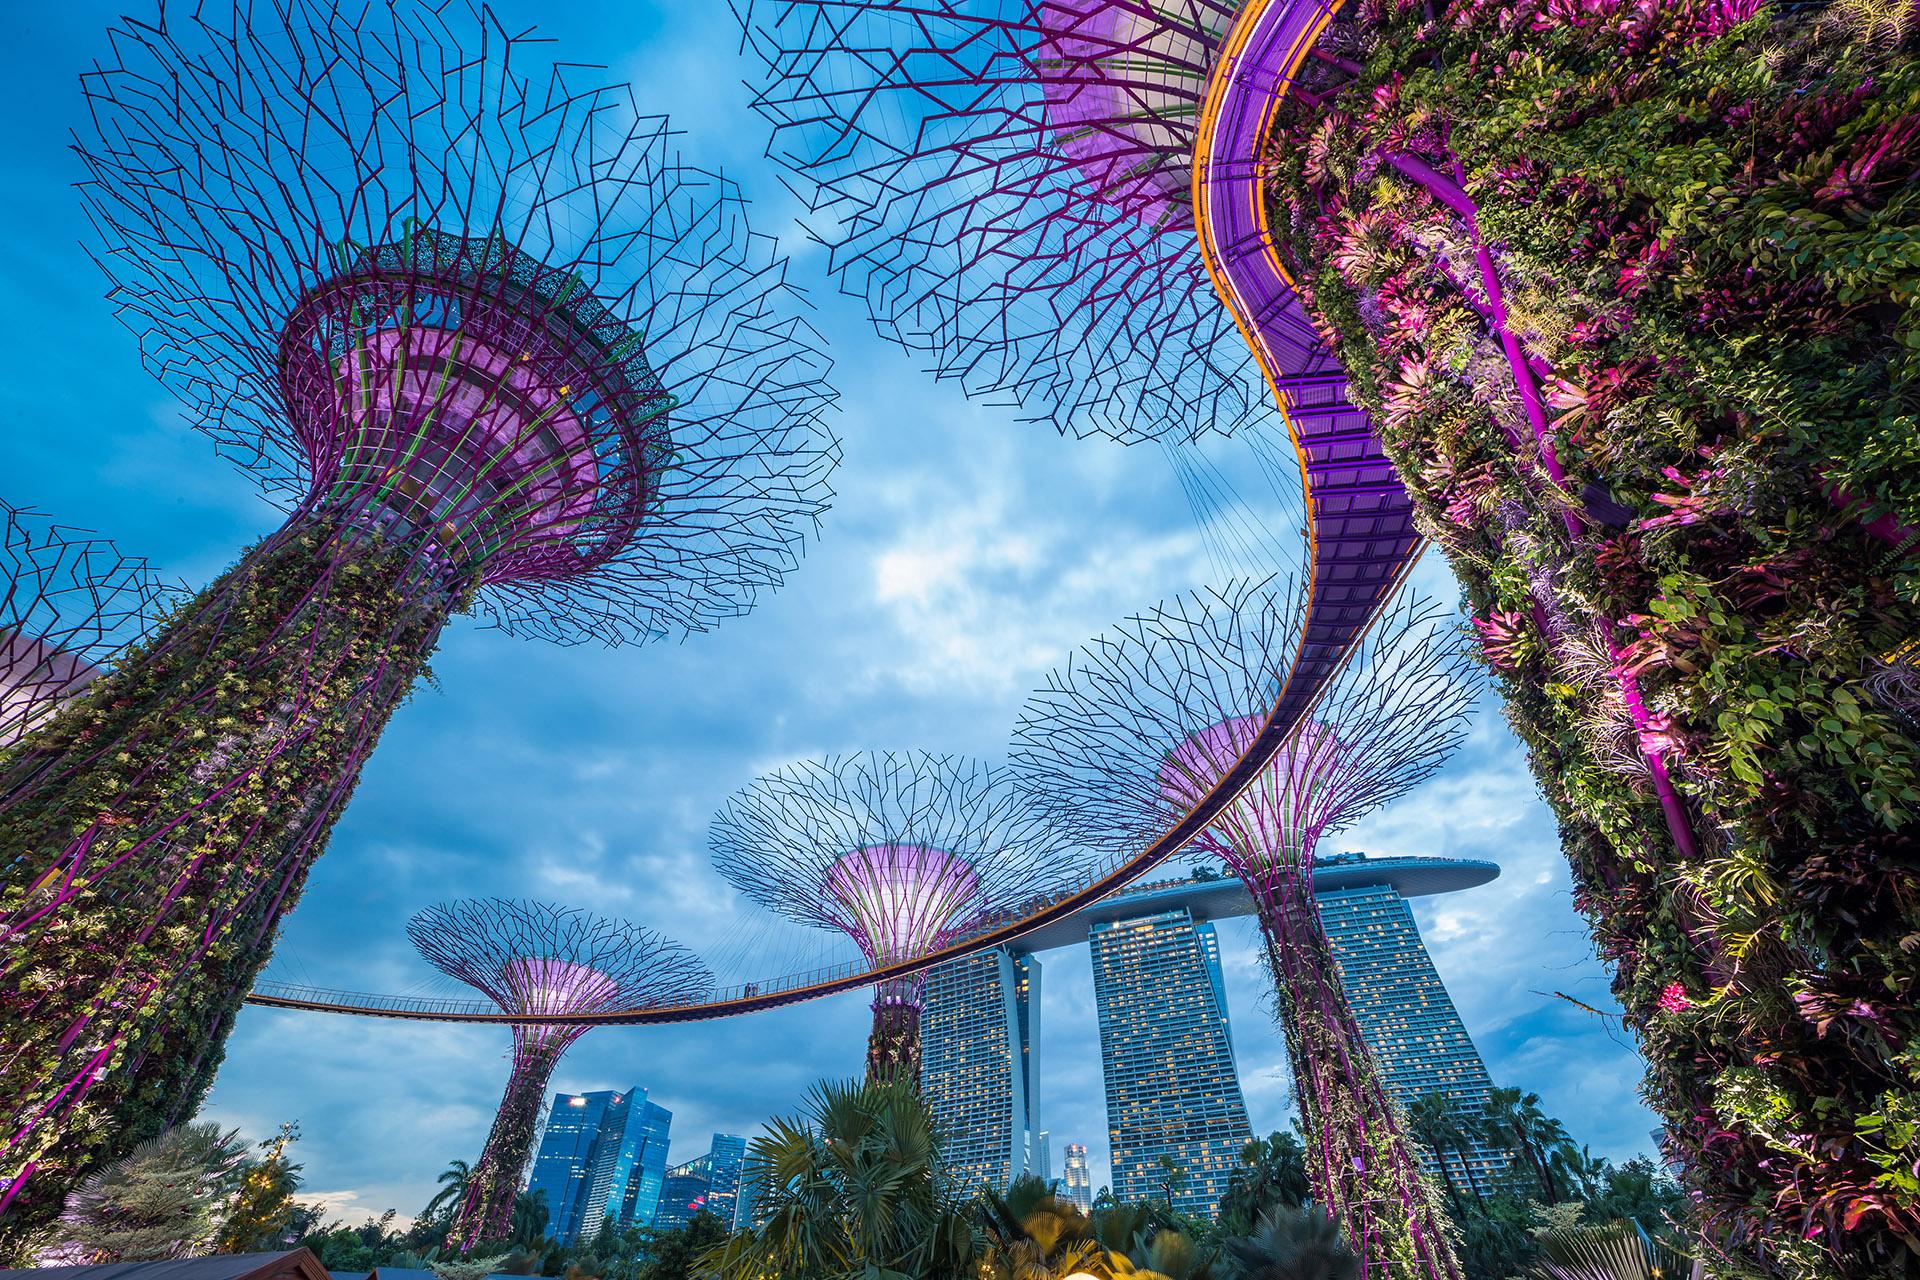 Aprovechando su crisol de culturas, Singapur finalmente está obteniendo algo de chispa, y se está convirtiendo rápidamente en uno de los destinos favoritos de Asia